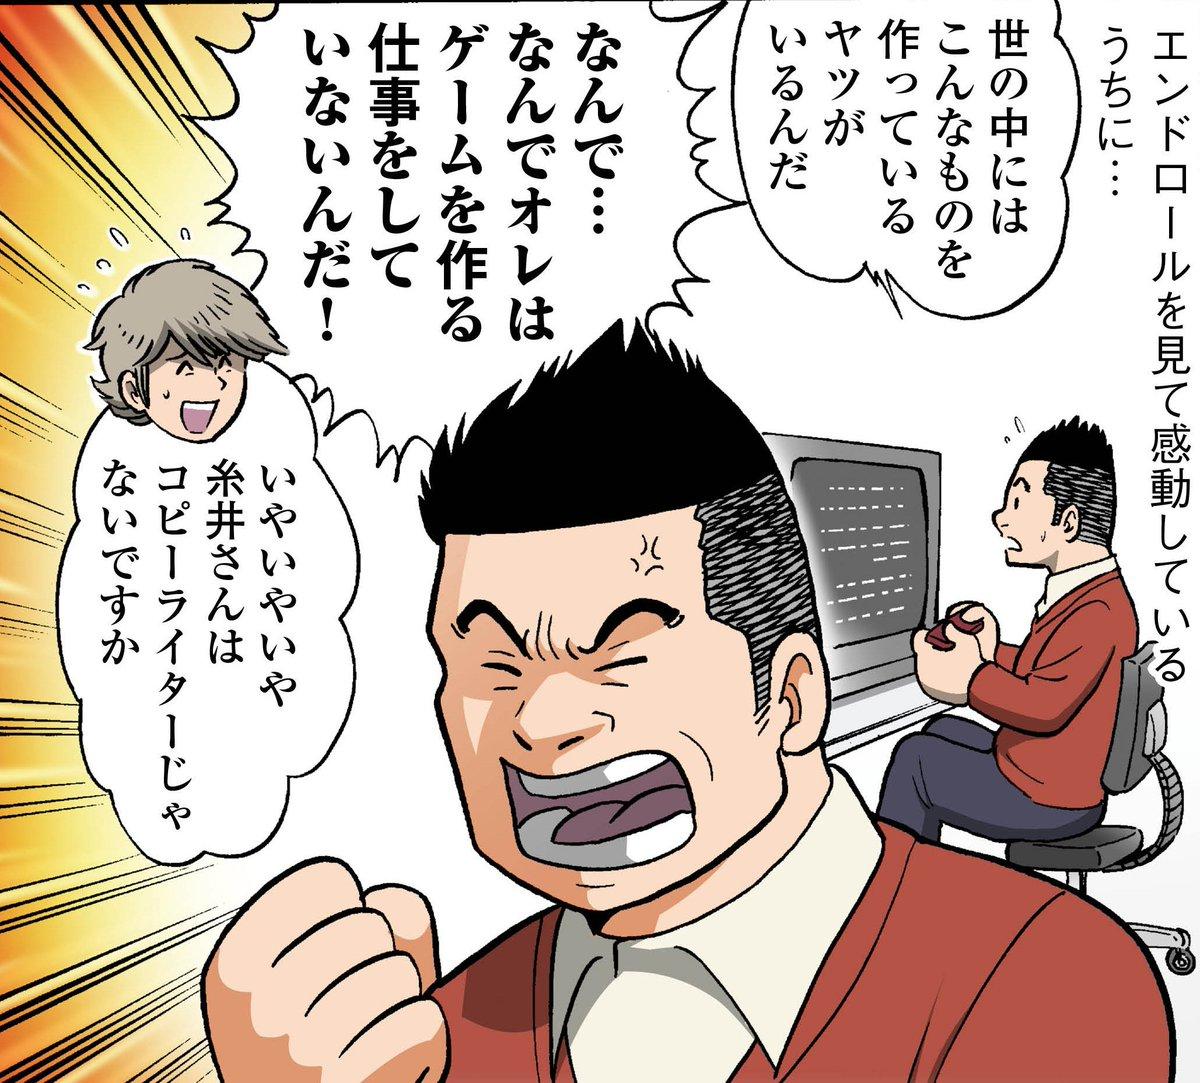 【田中圭一連載『MOTHER』編】任天堂を動かした、糸井重里の熱意「なぜ俺はゲームを作ってない!」――本職の「言葉」、岩田聡の「突破力」が生んだ、後世語り継がれる傑作 news.denfaminicogamer.jp/manga/171026